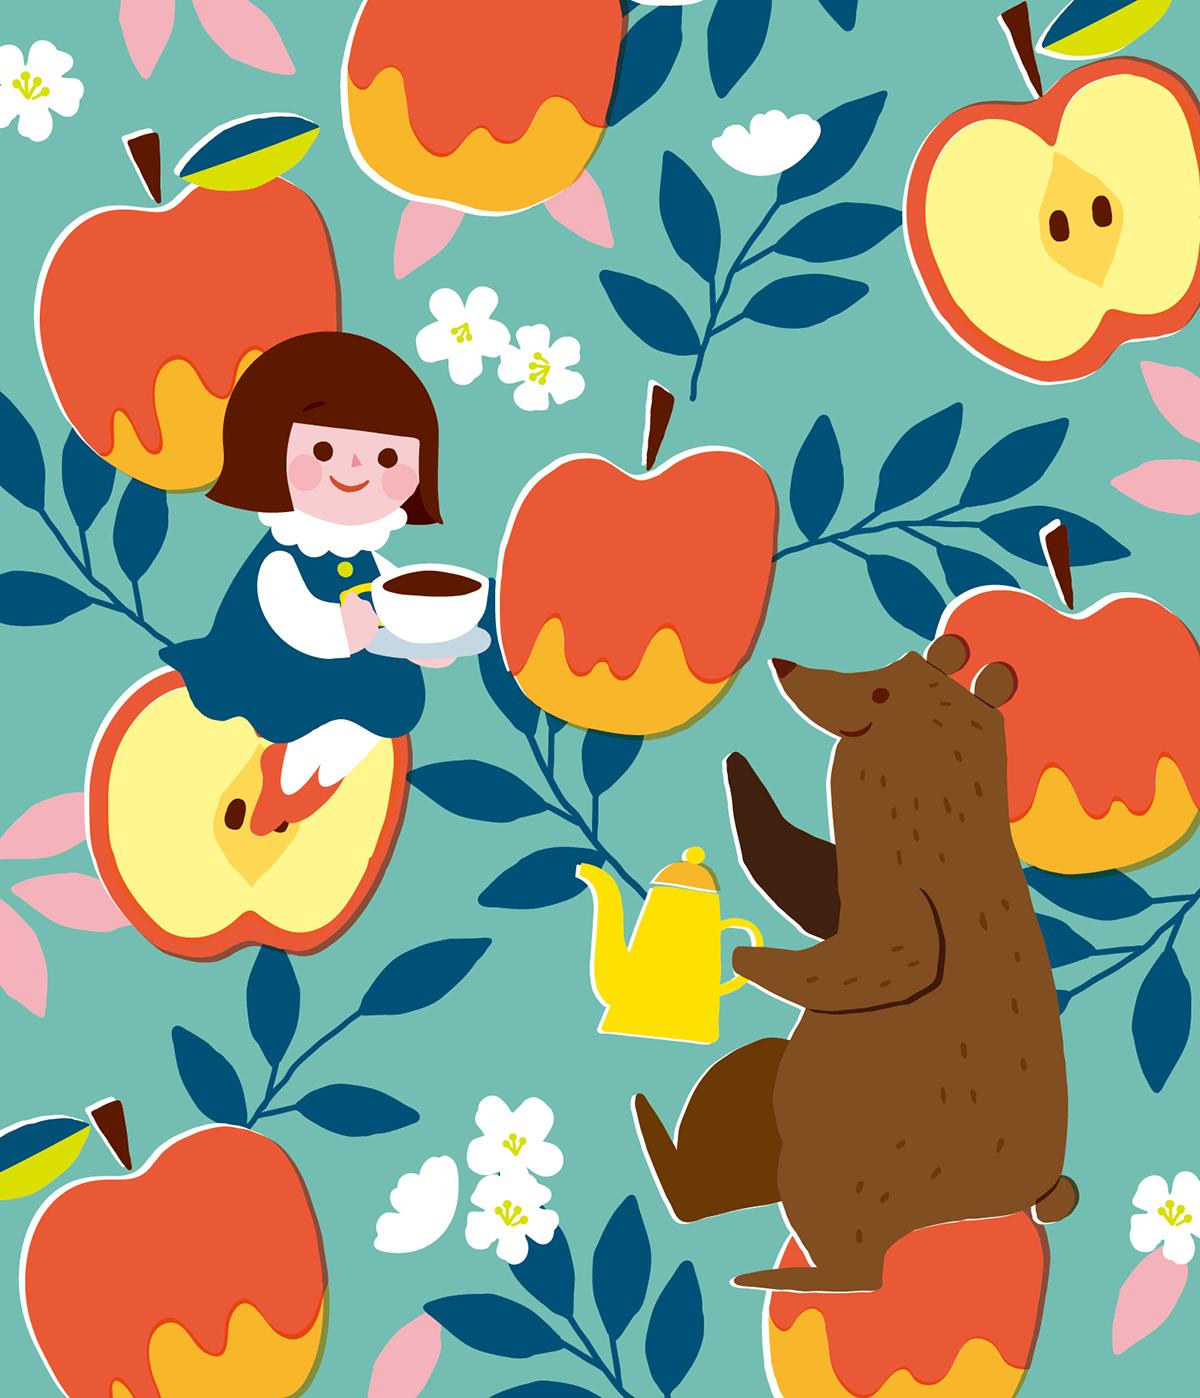 クマと紅茶を飲む女の子